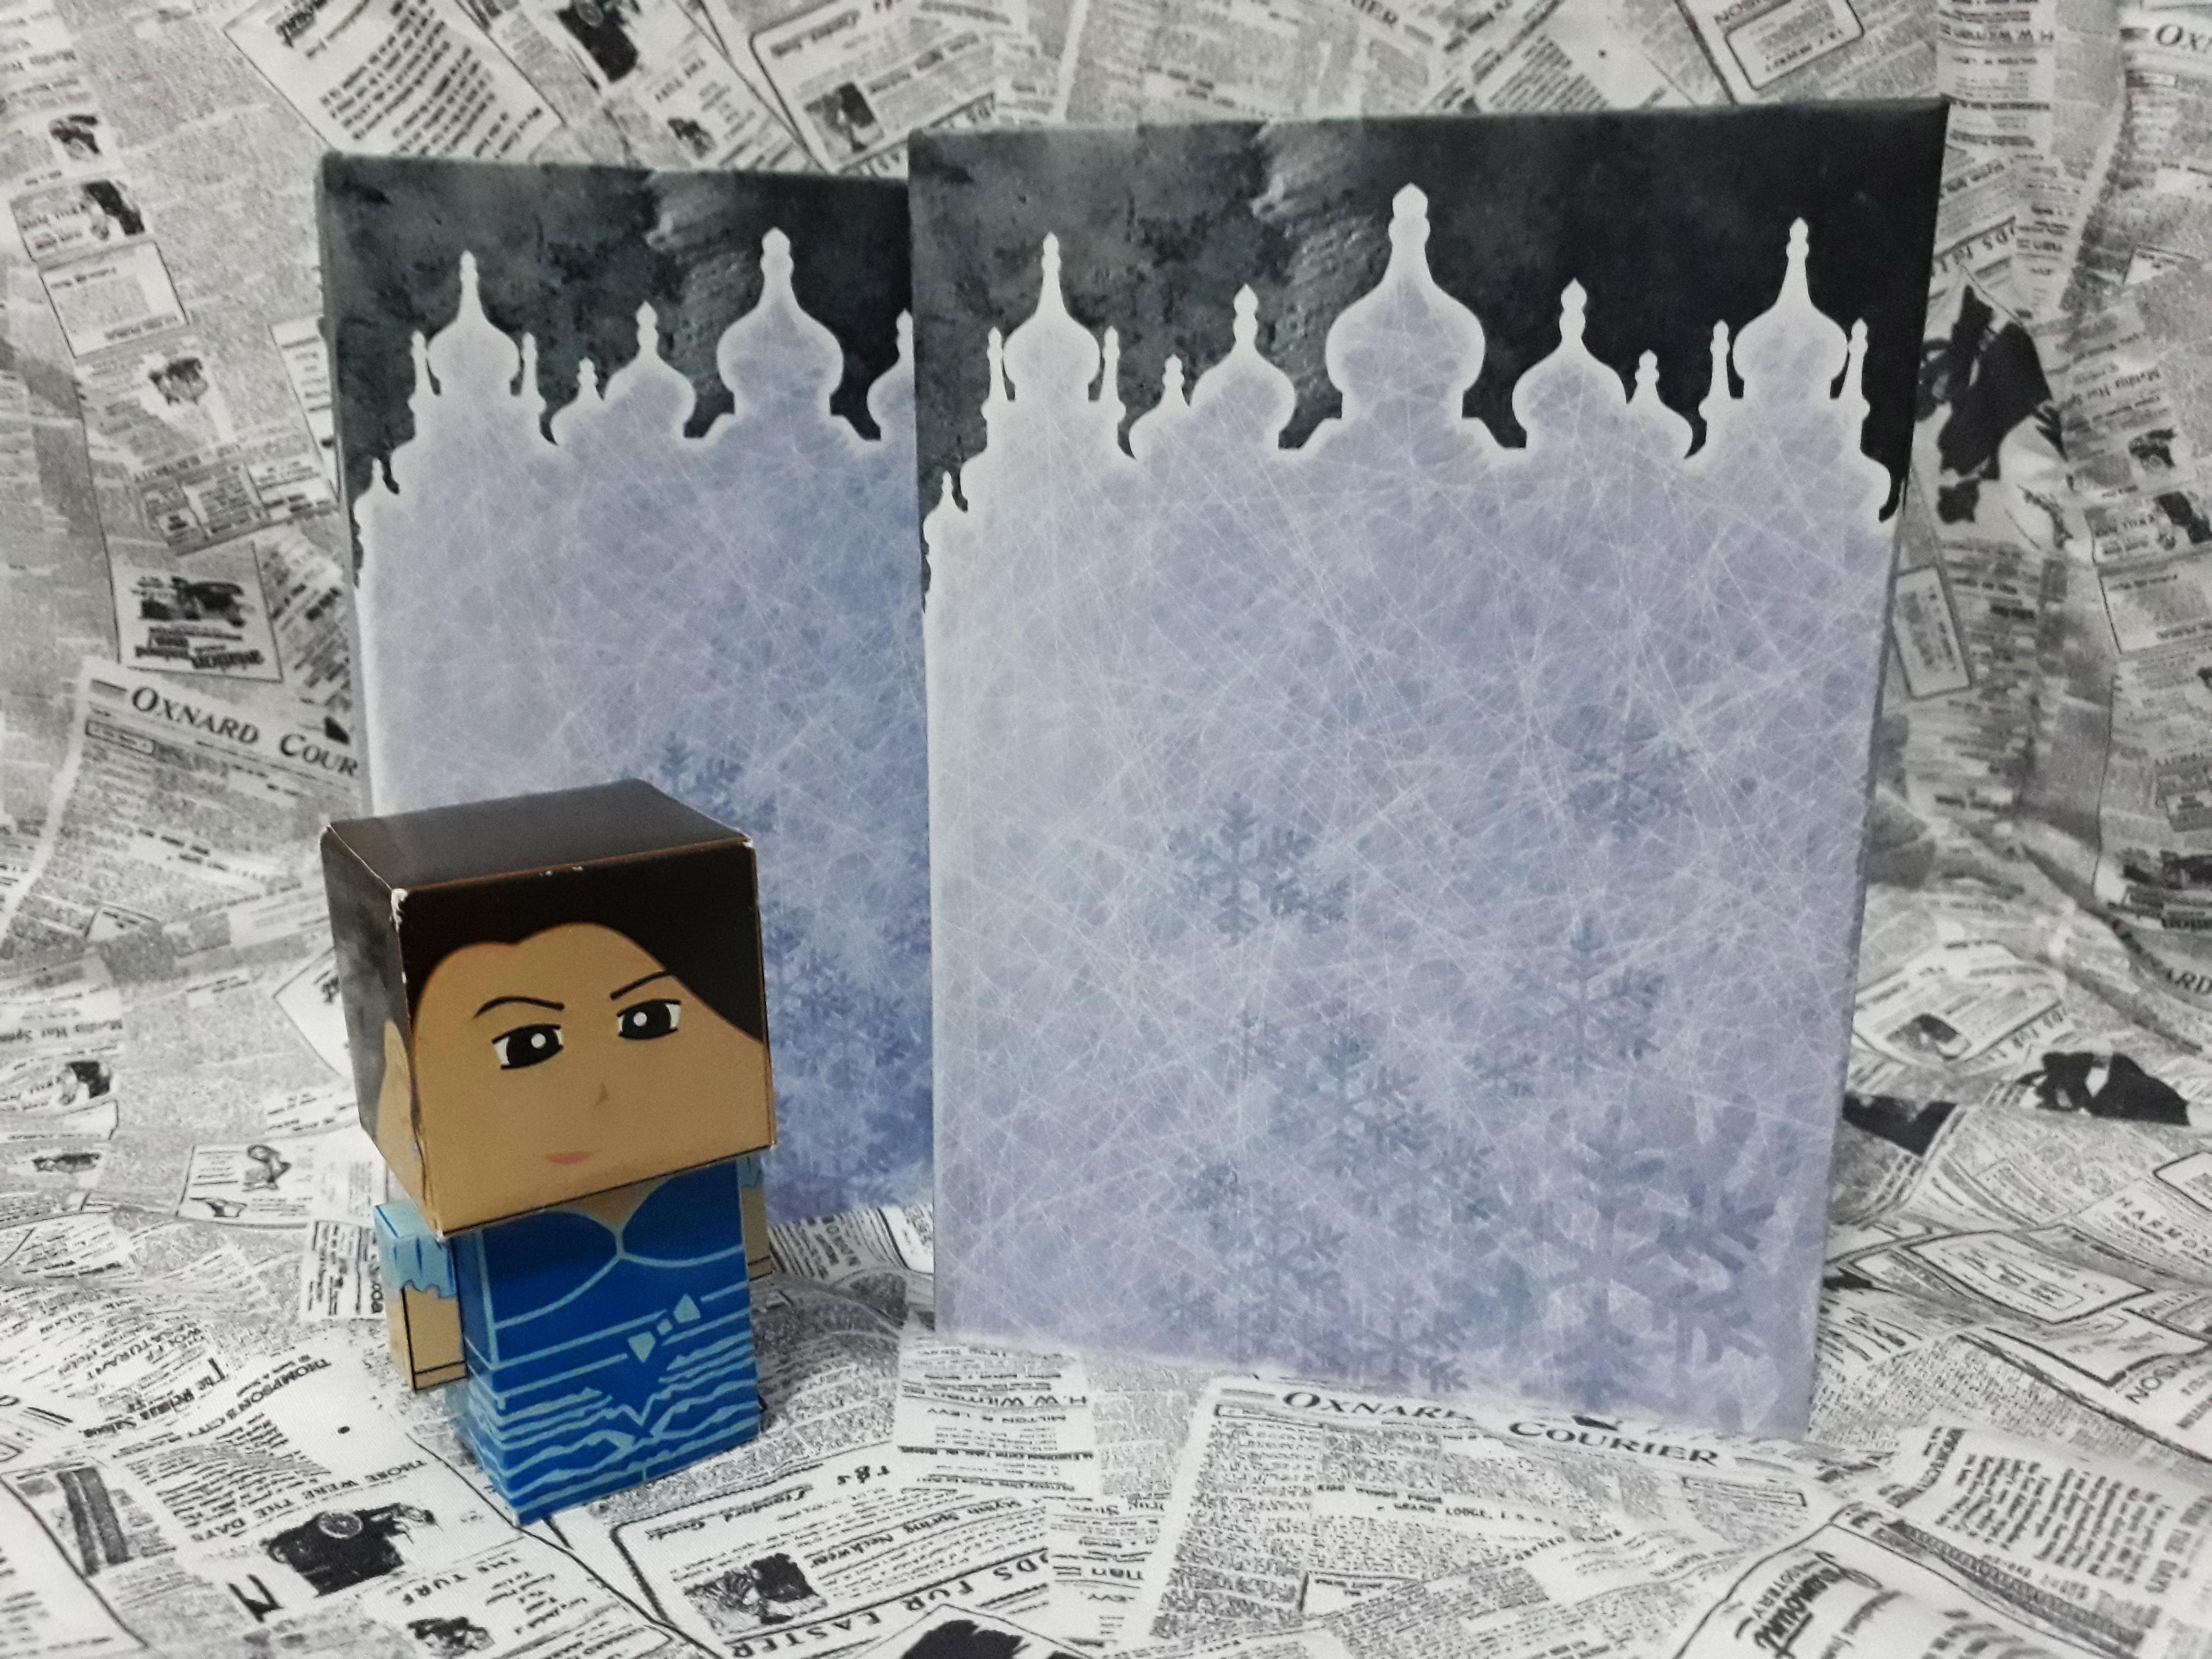 Encadernação #52: Baile de Inverno